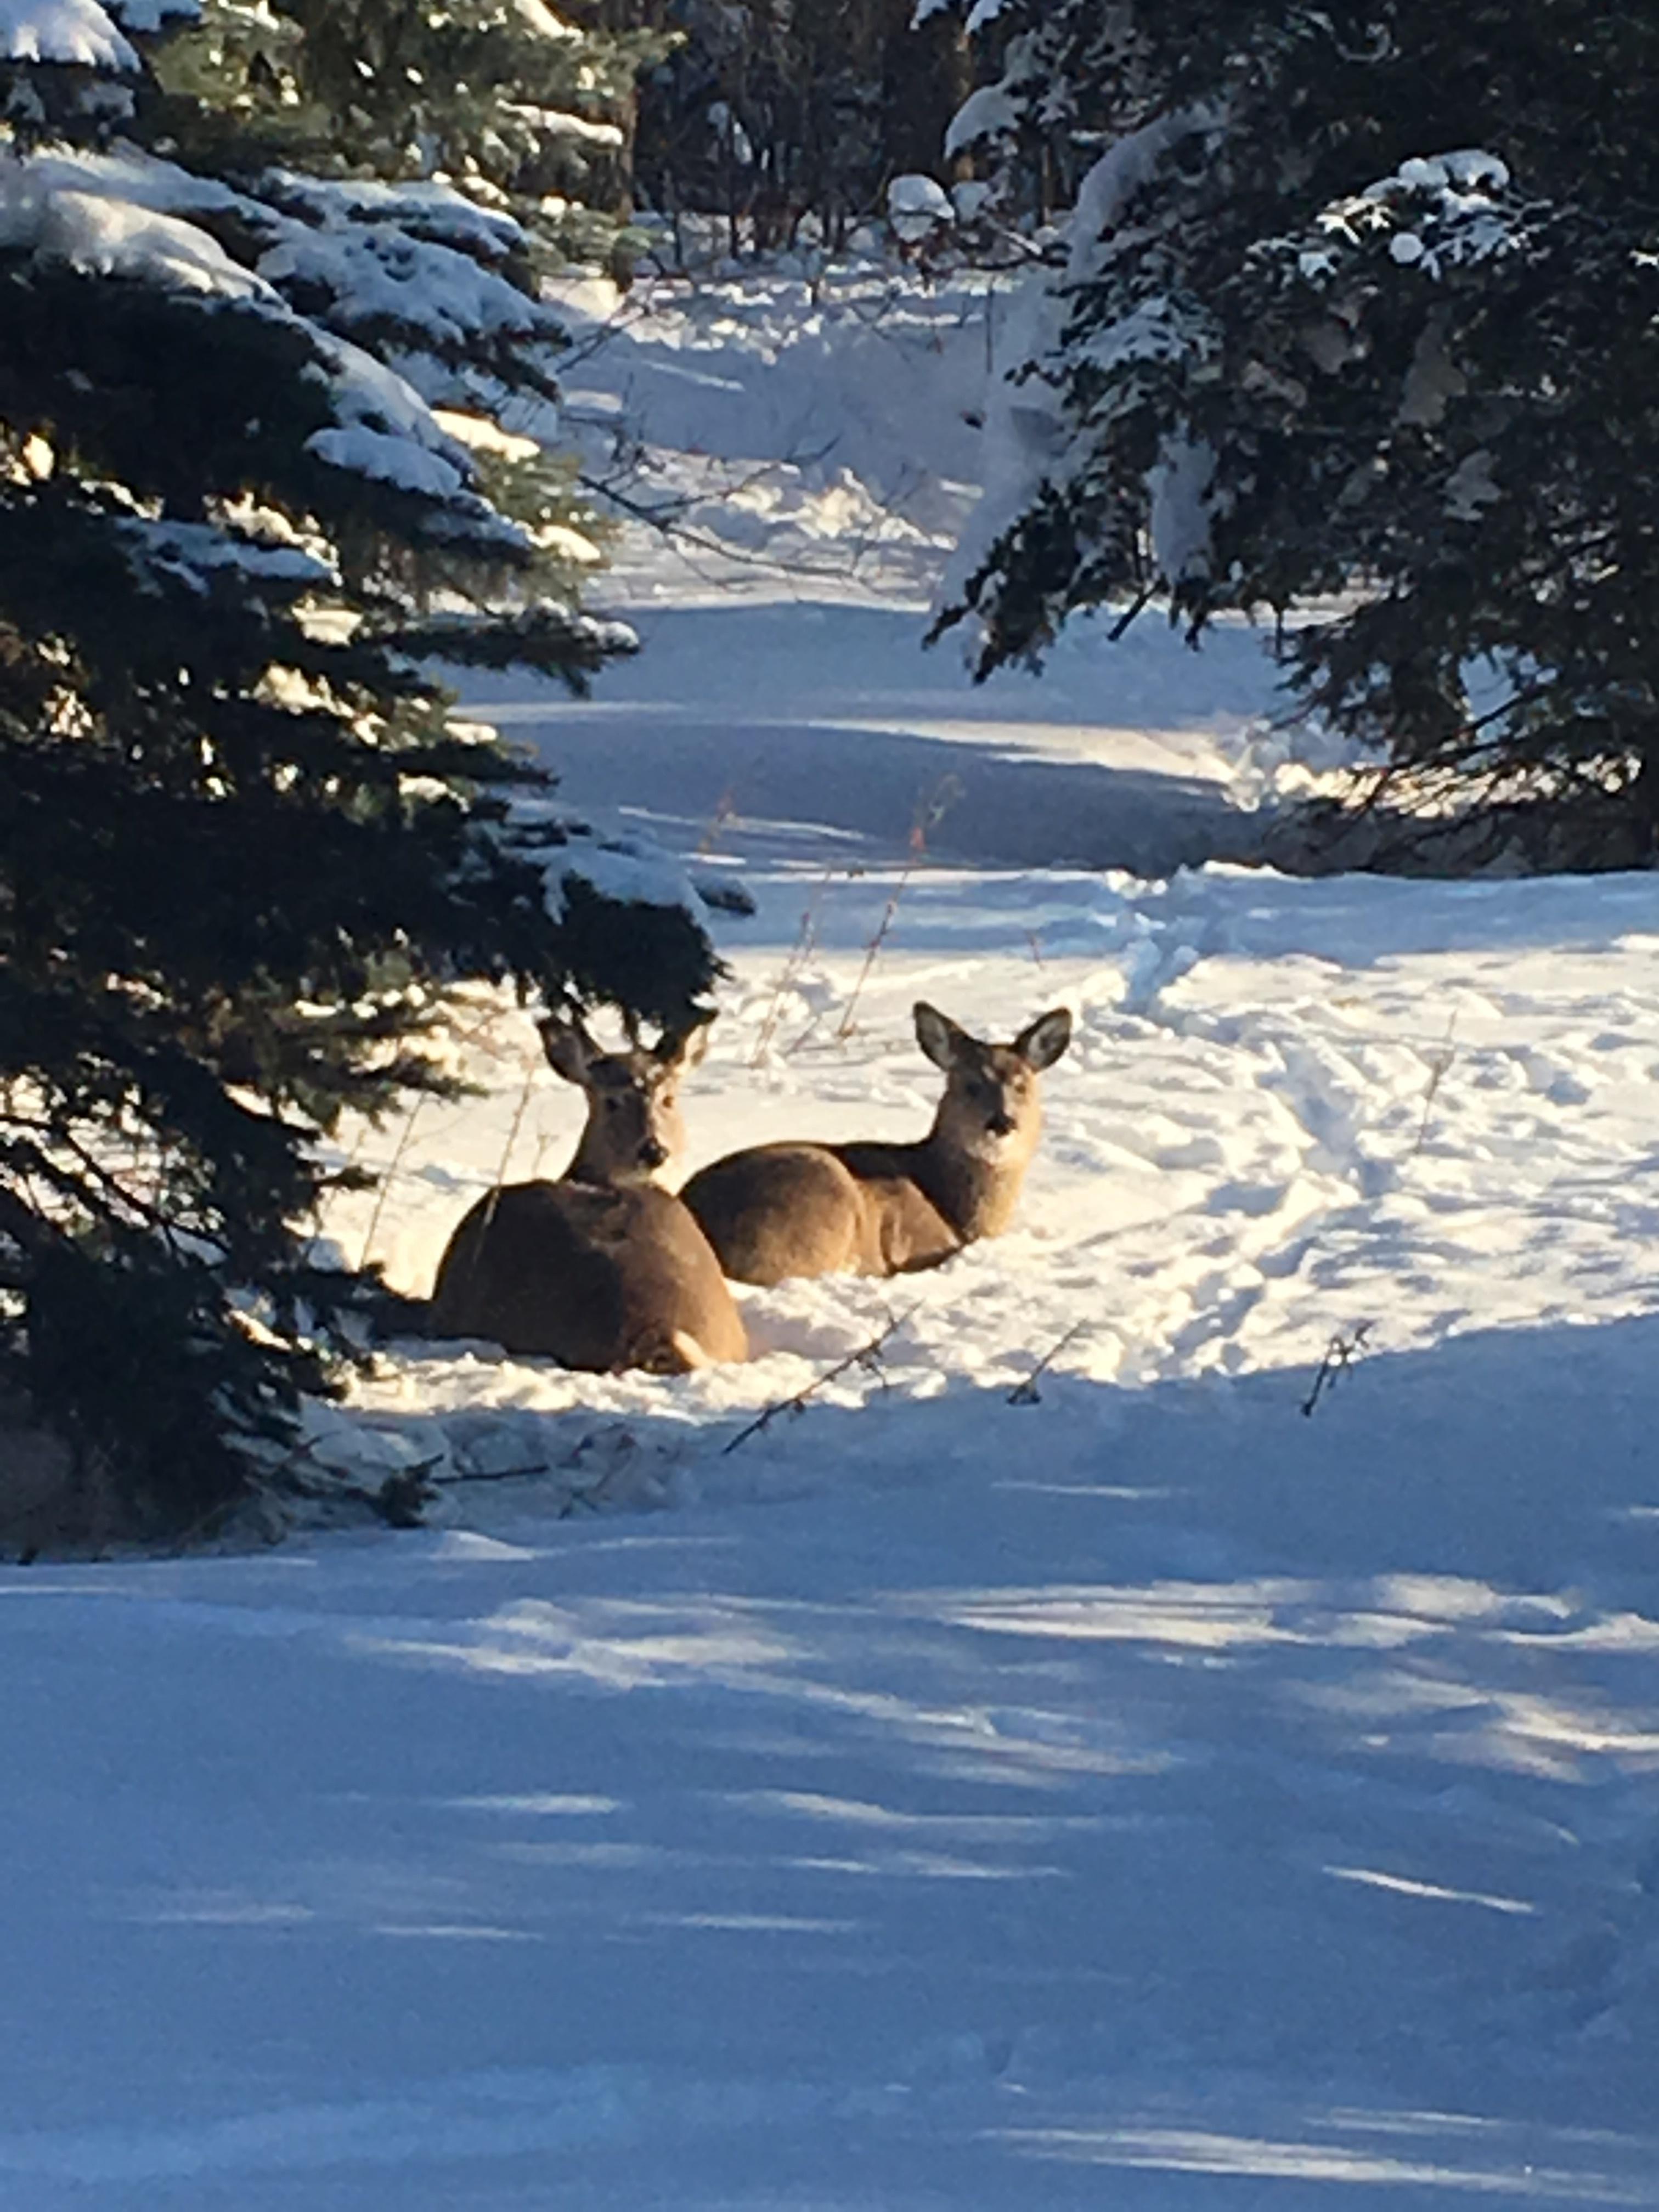 Two deer sitting in snow